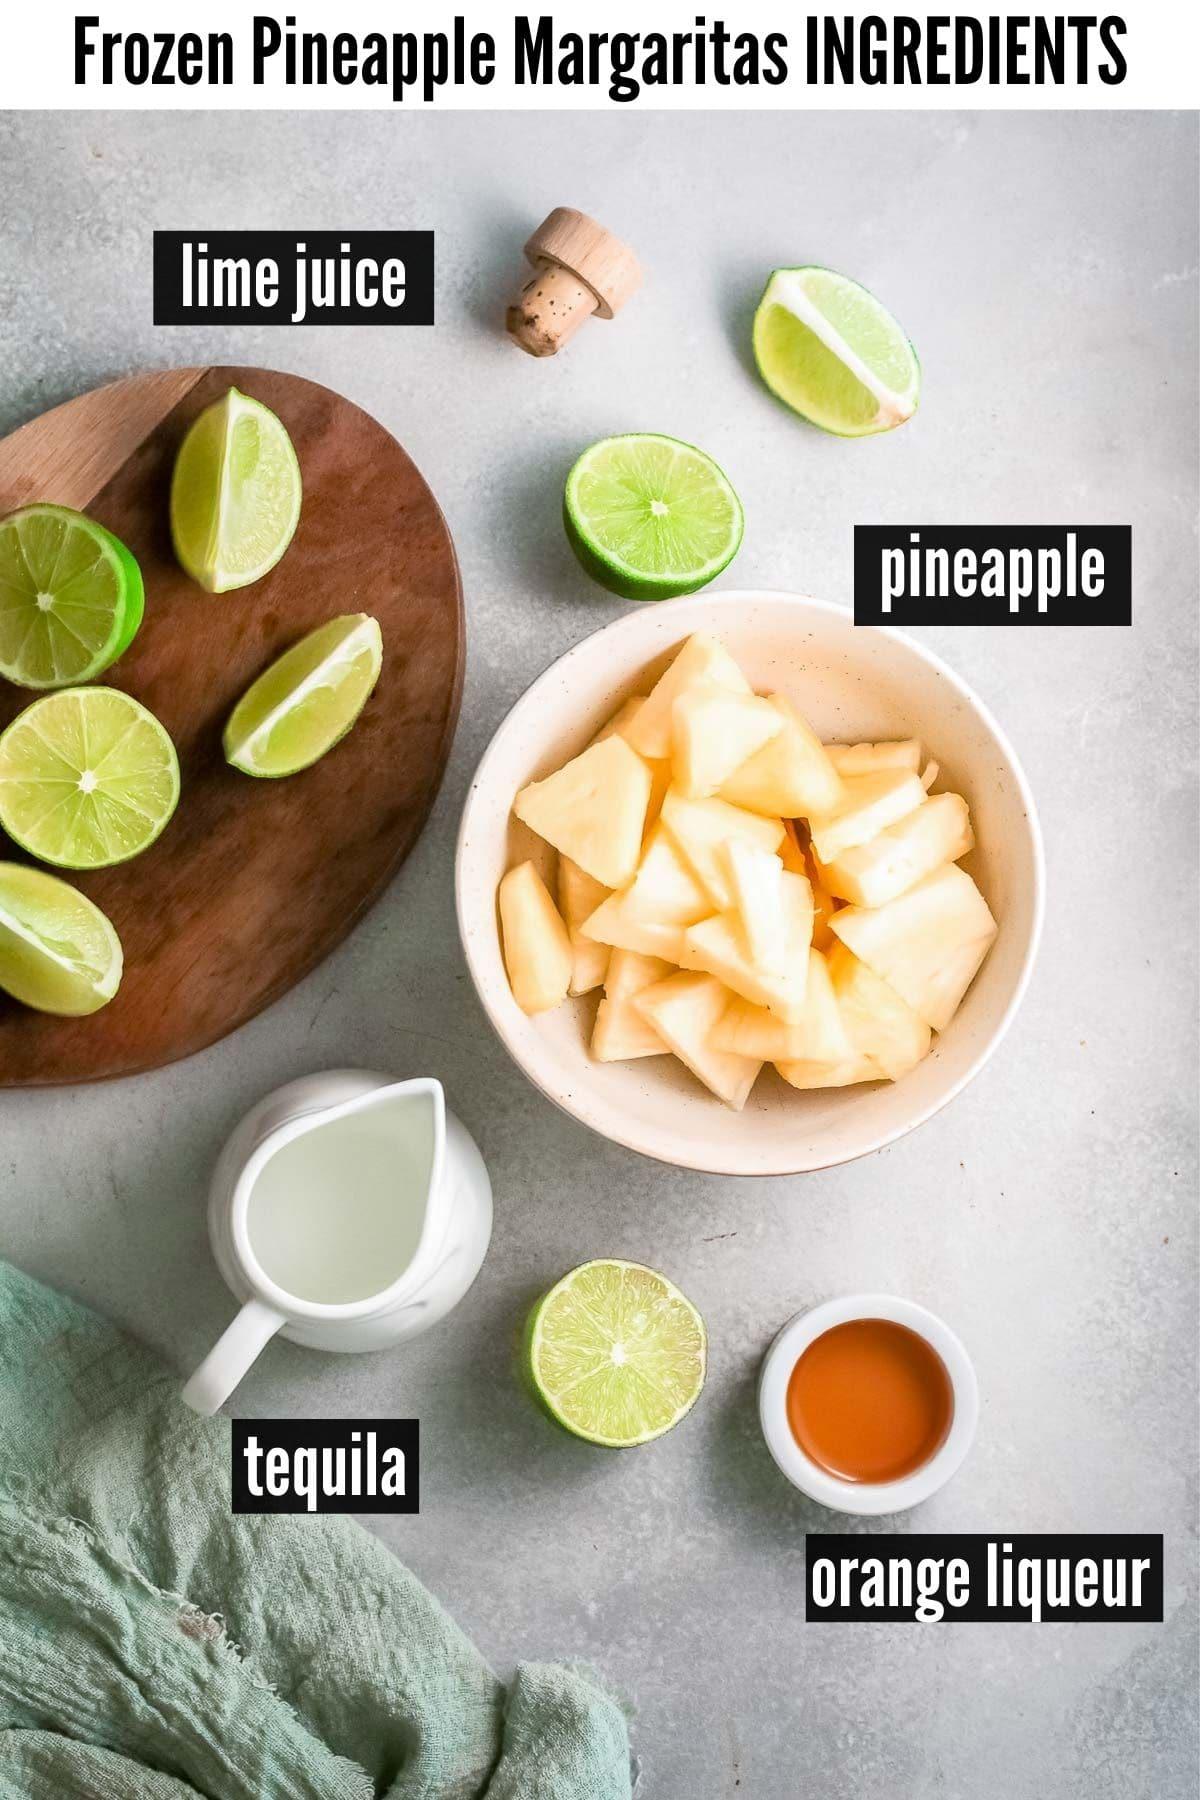 pineapple margarita ingredients